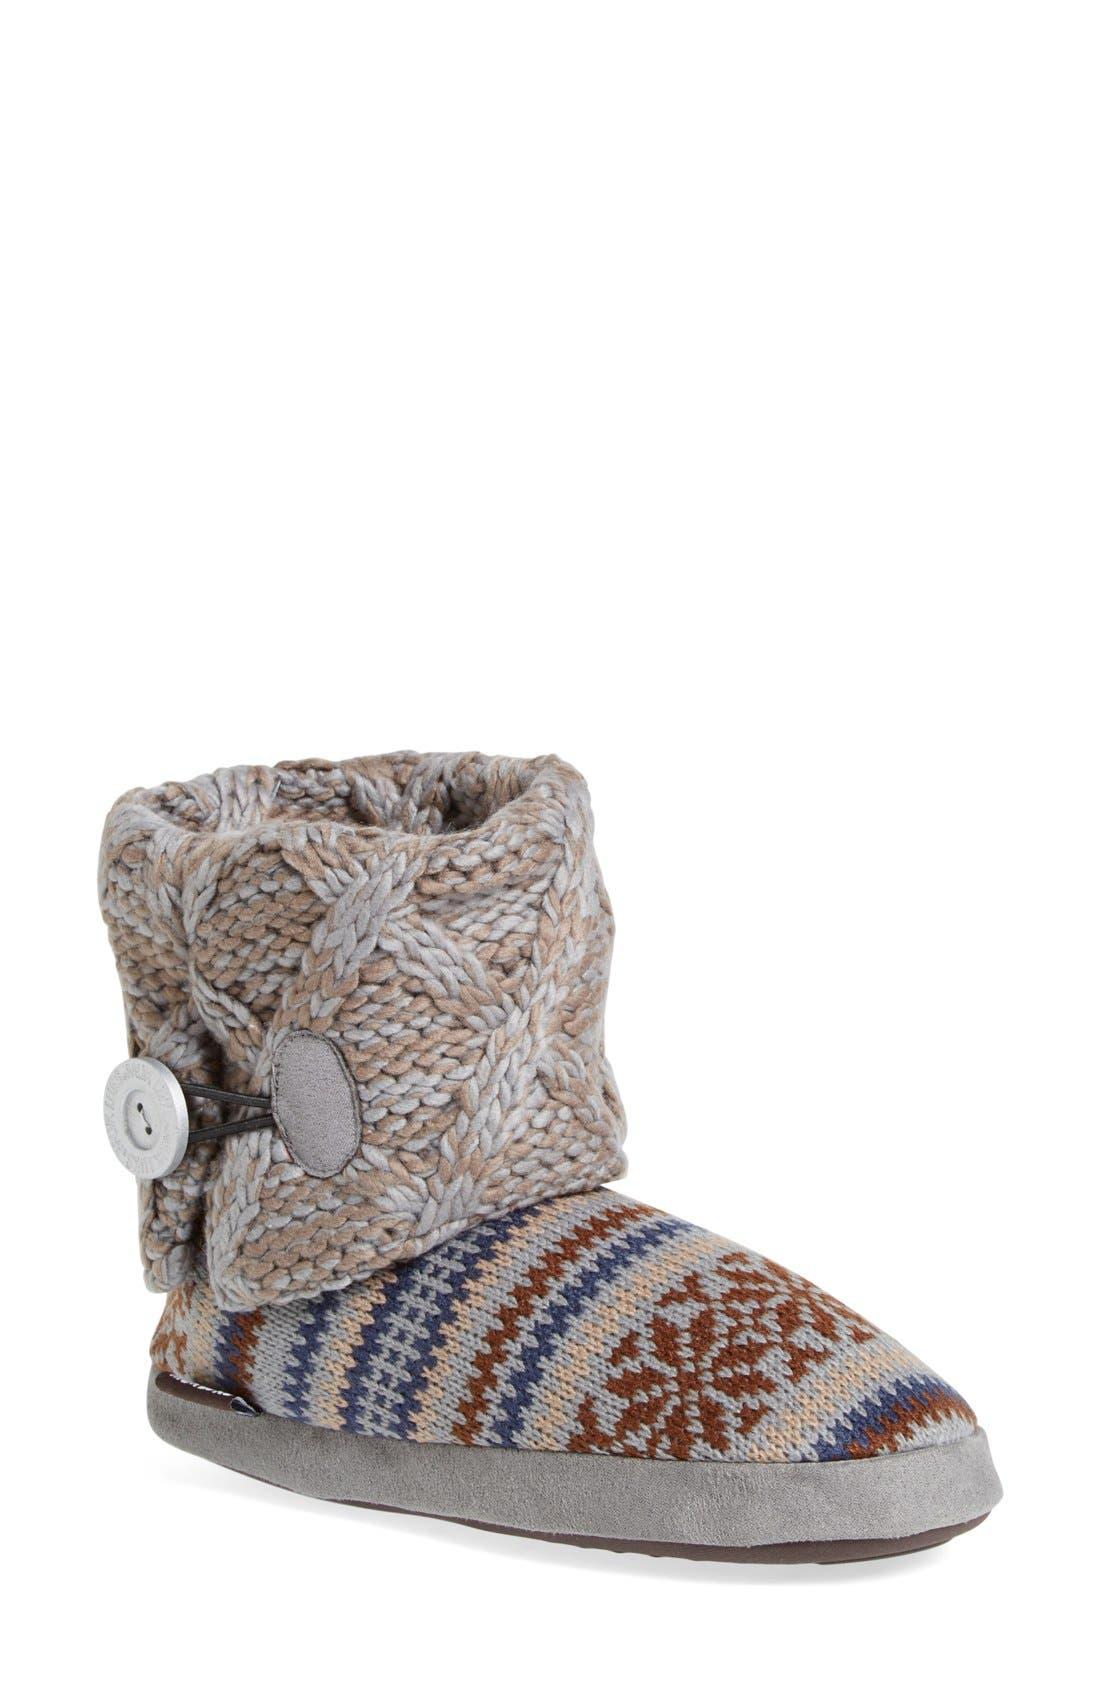 Main Image - MUKLUKS 'Patti' Slipper Boot (Women)